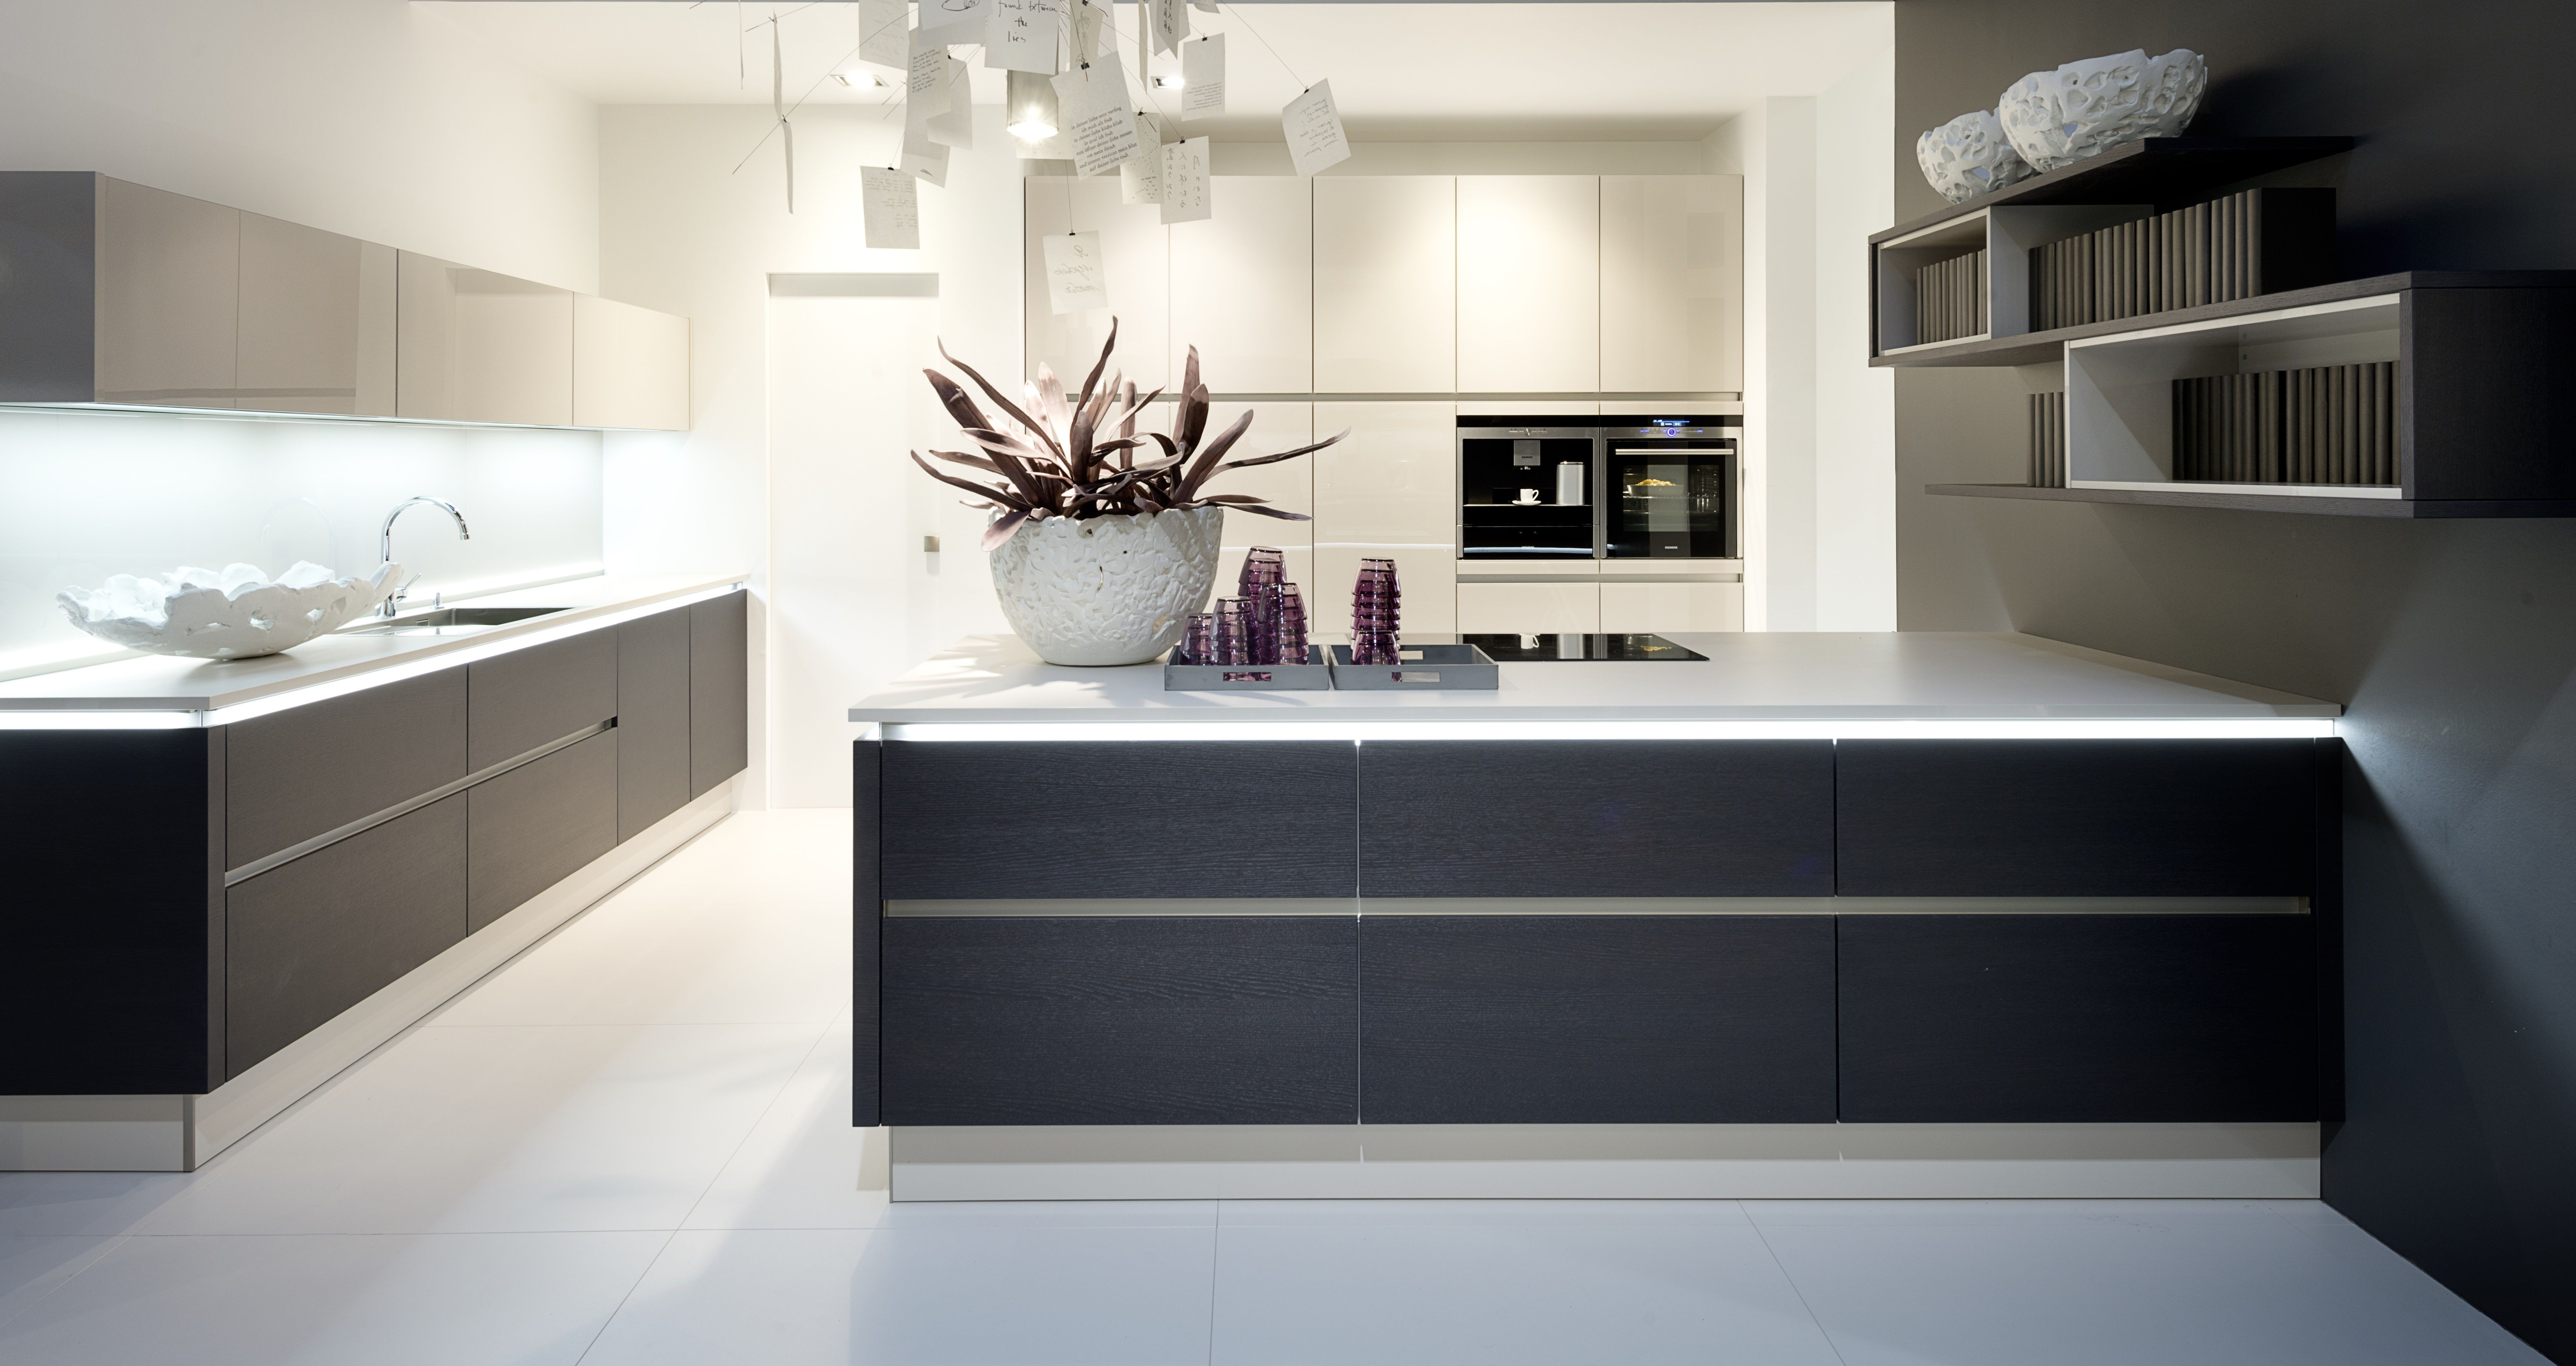 Nolte german kitchen inspiration ideas modern for Kitchen design yorkshire